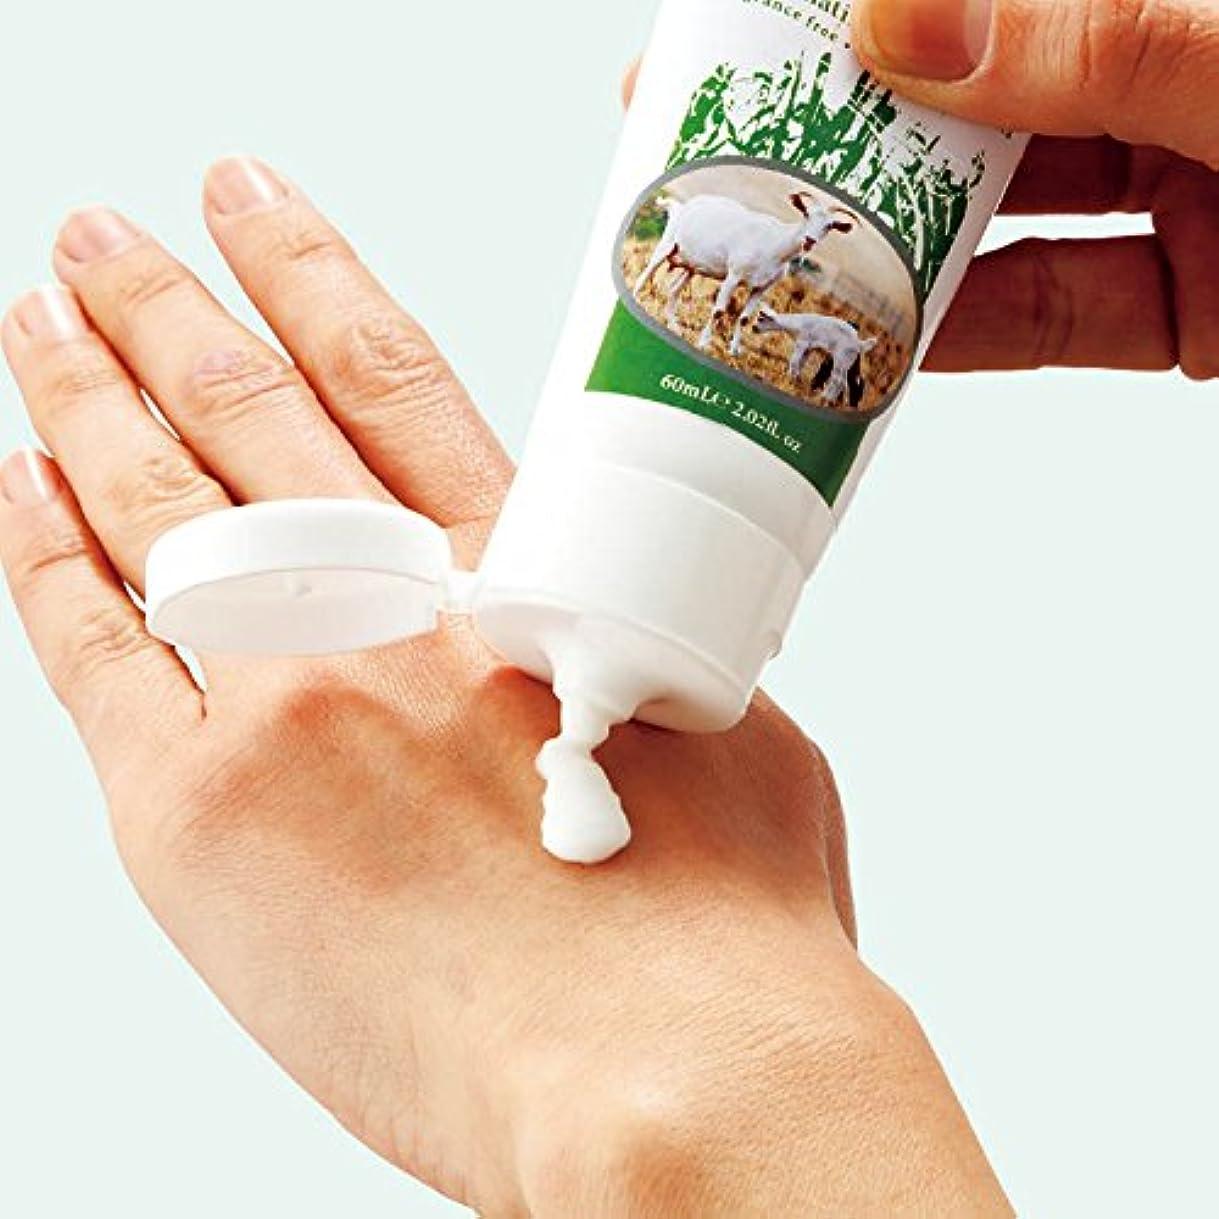 オーストラリア 土産 ティリー ゴートミルク ハンドクリーム 3本セット (海外旅行 オーストラリア お土産)